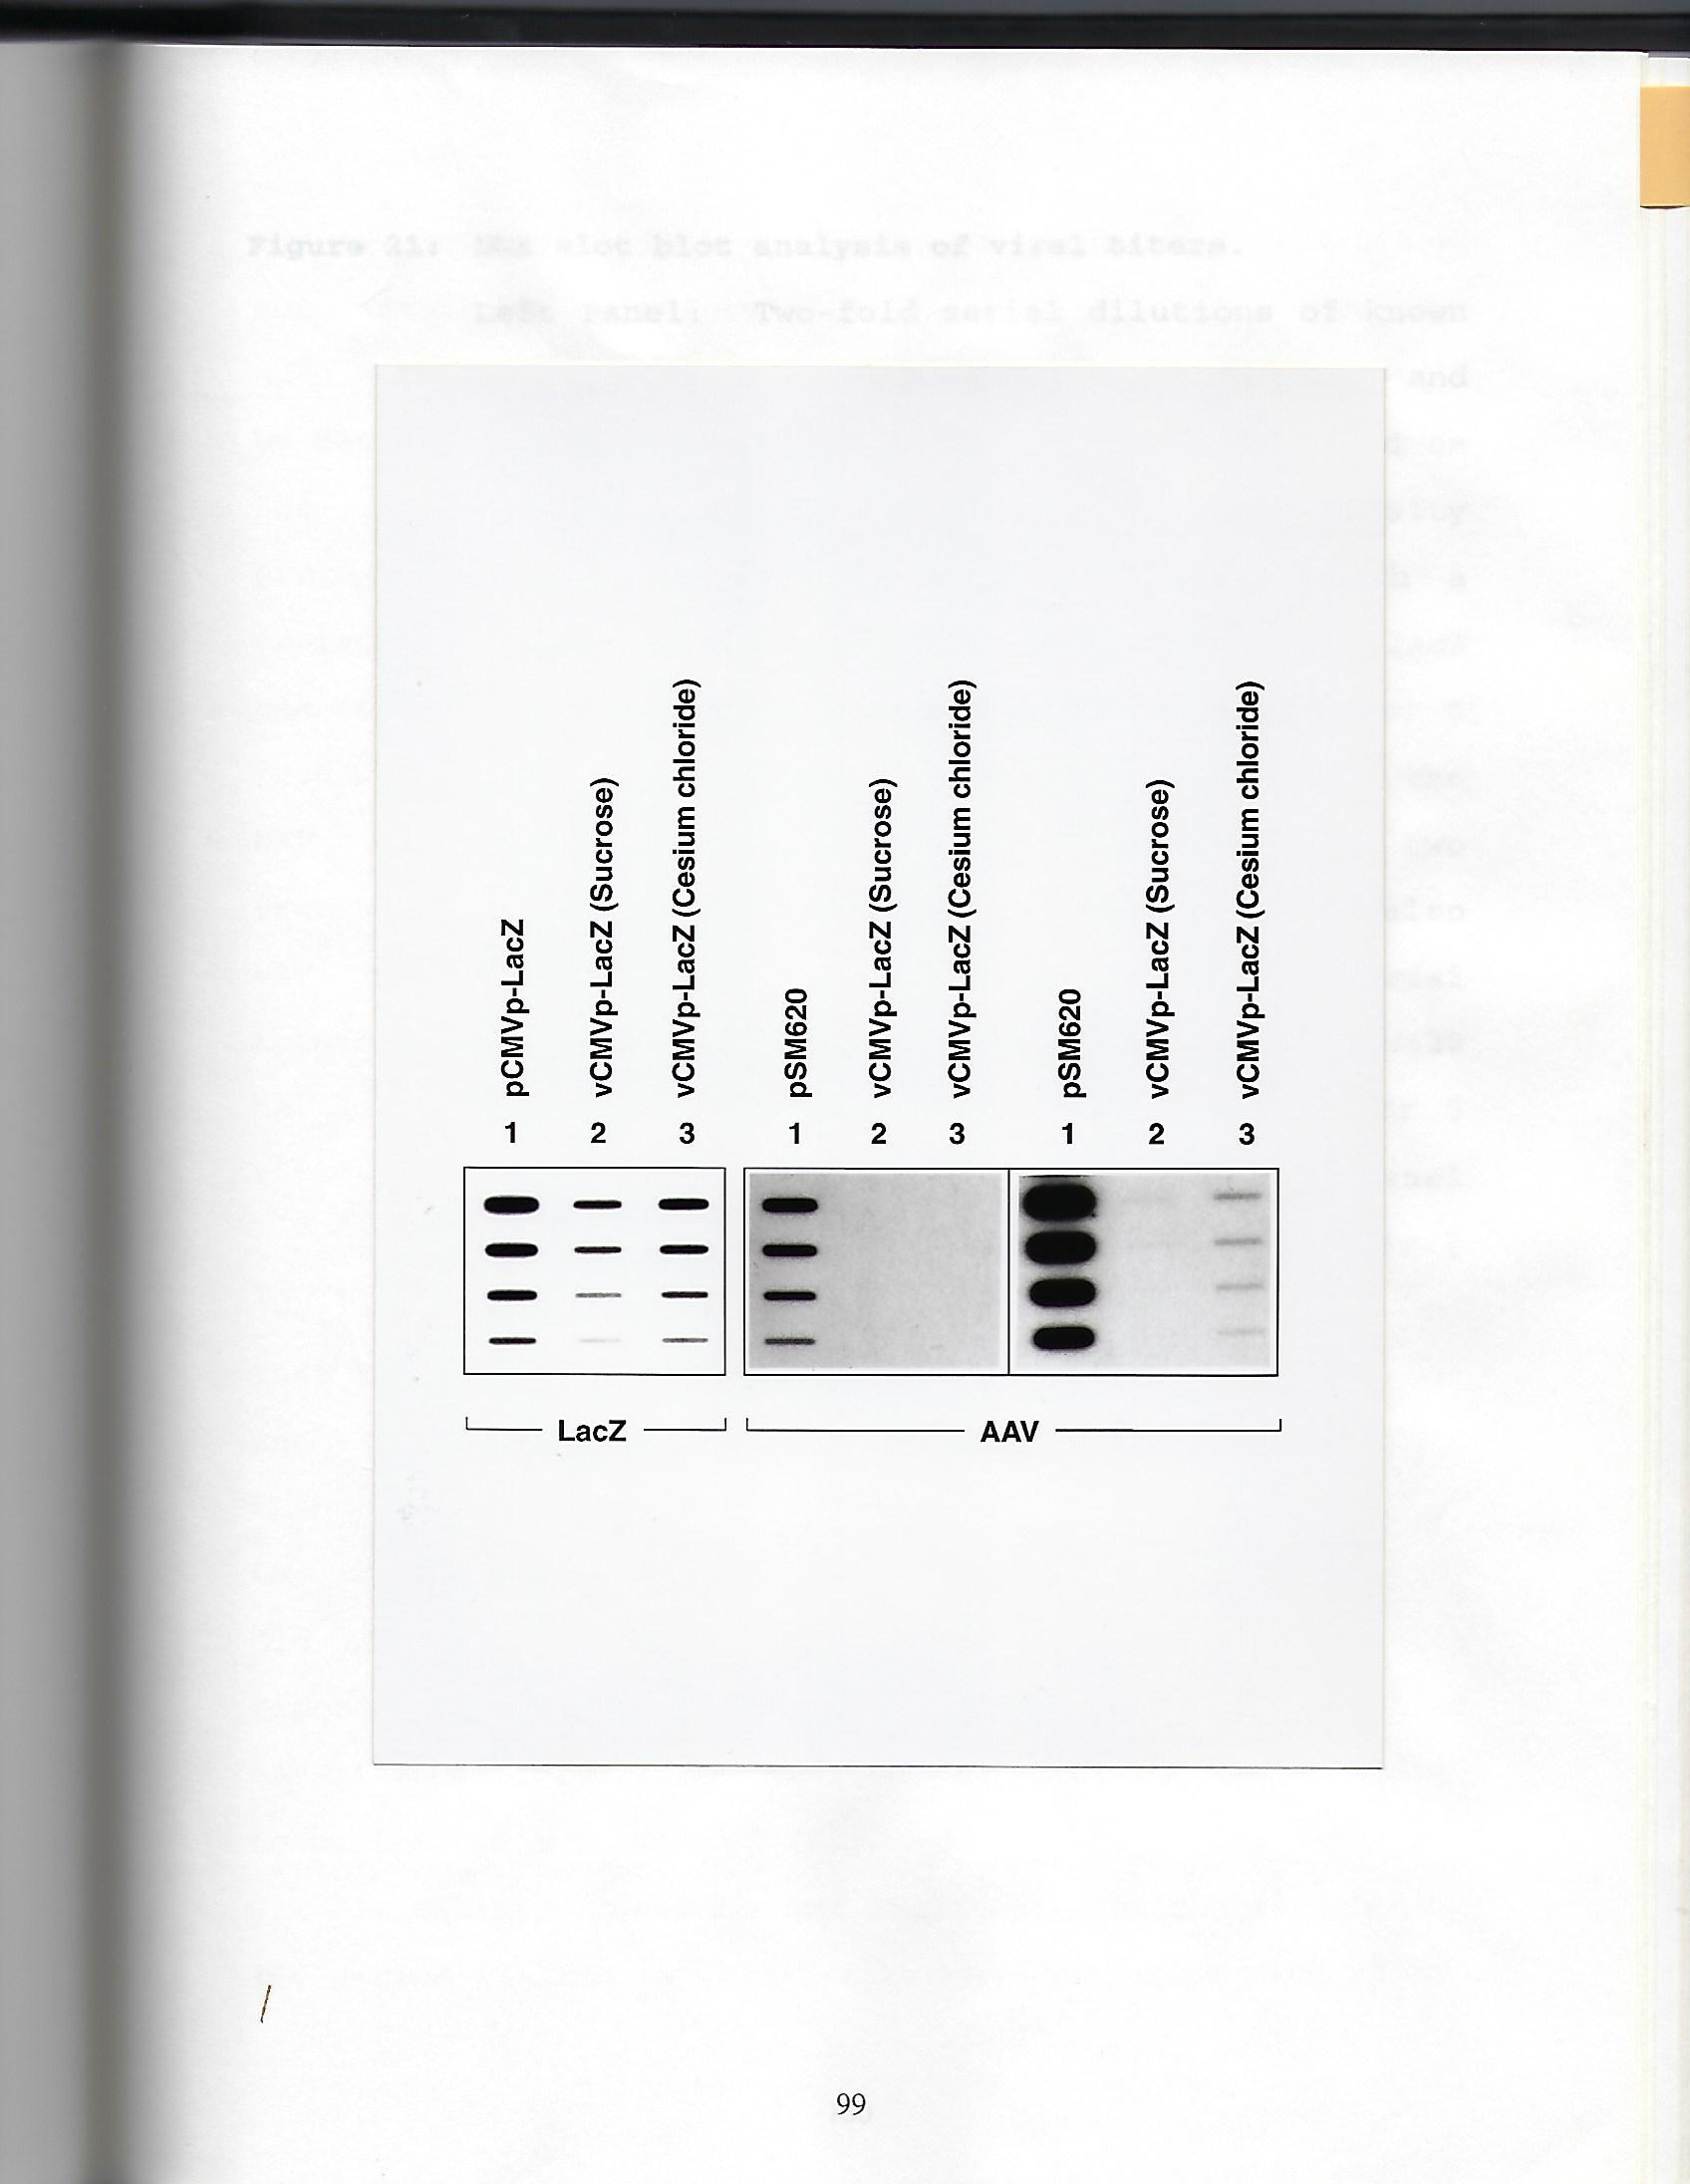 thesis fig 21.jpg